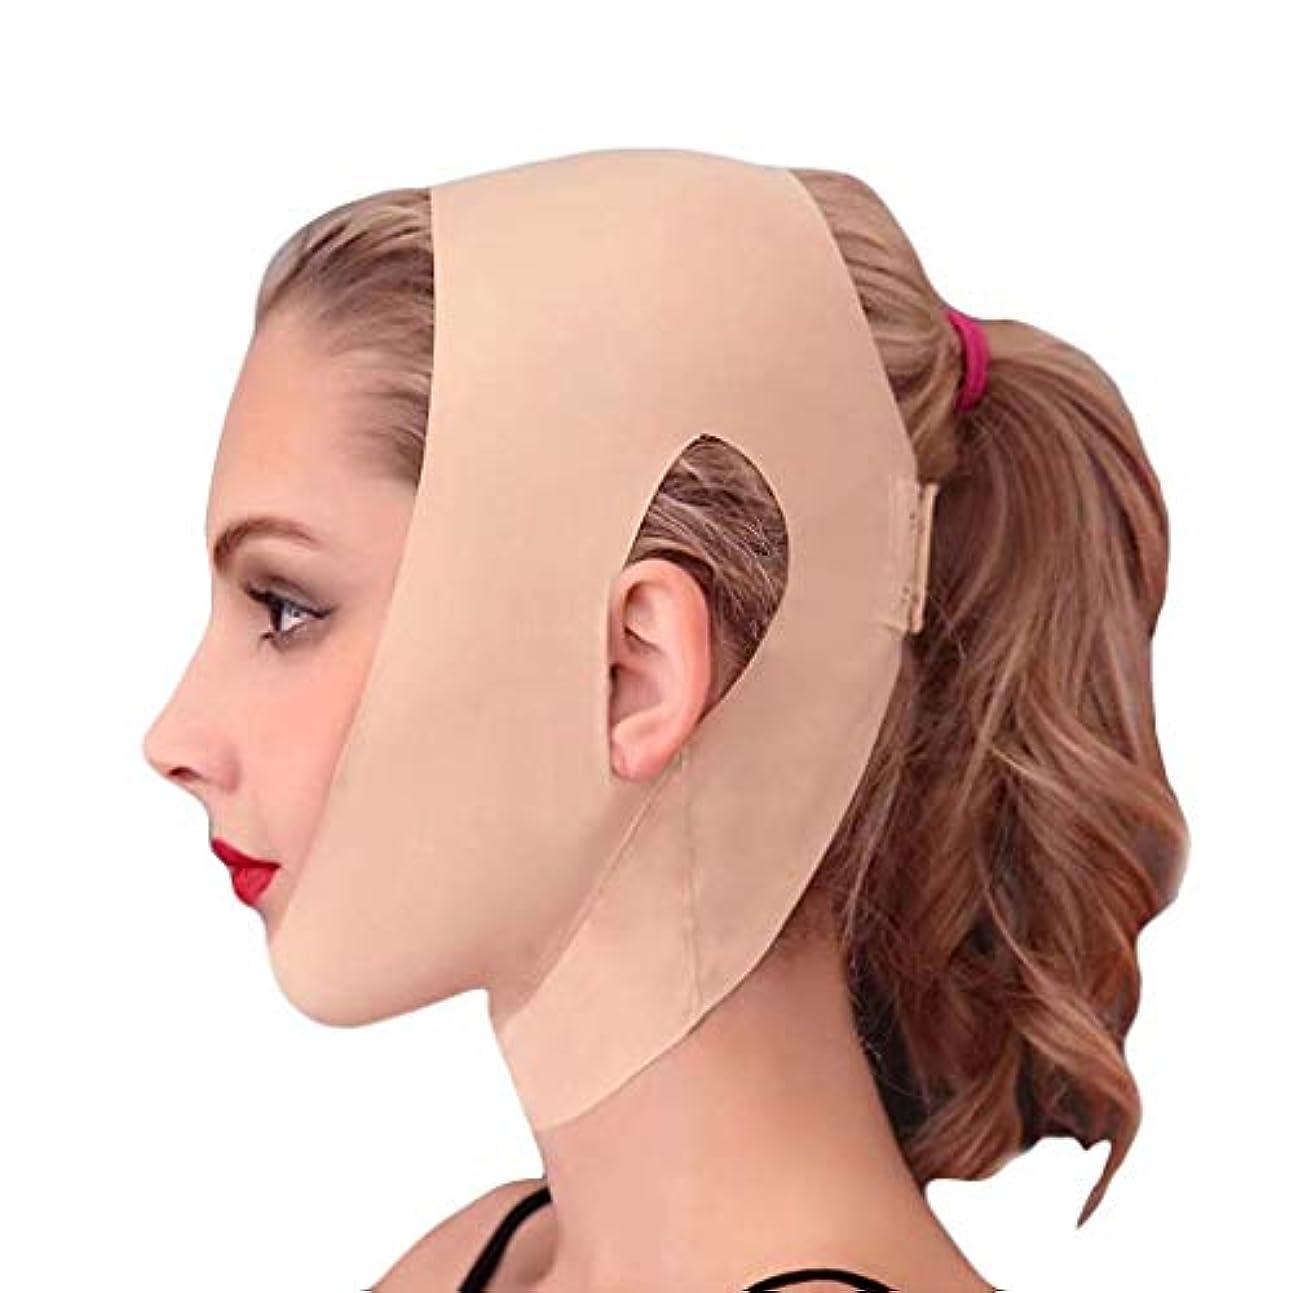 する範囲薄いです持ち上がるしっかりした包帯のための顔の持ち上がる用具、表面持ち上がること、引き締まること、顔の減量ベルト